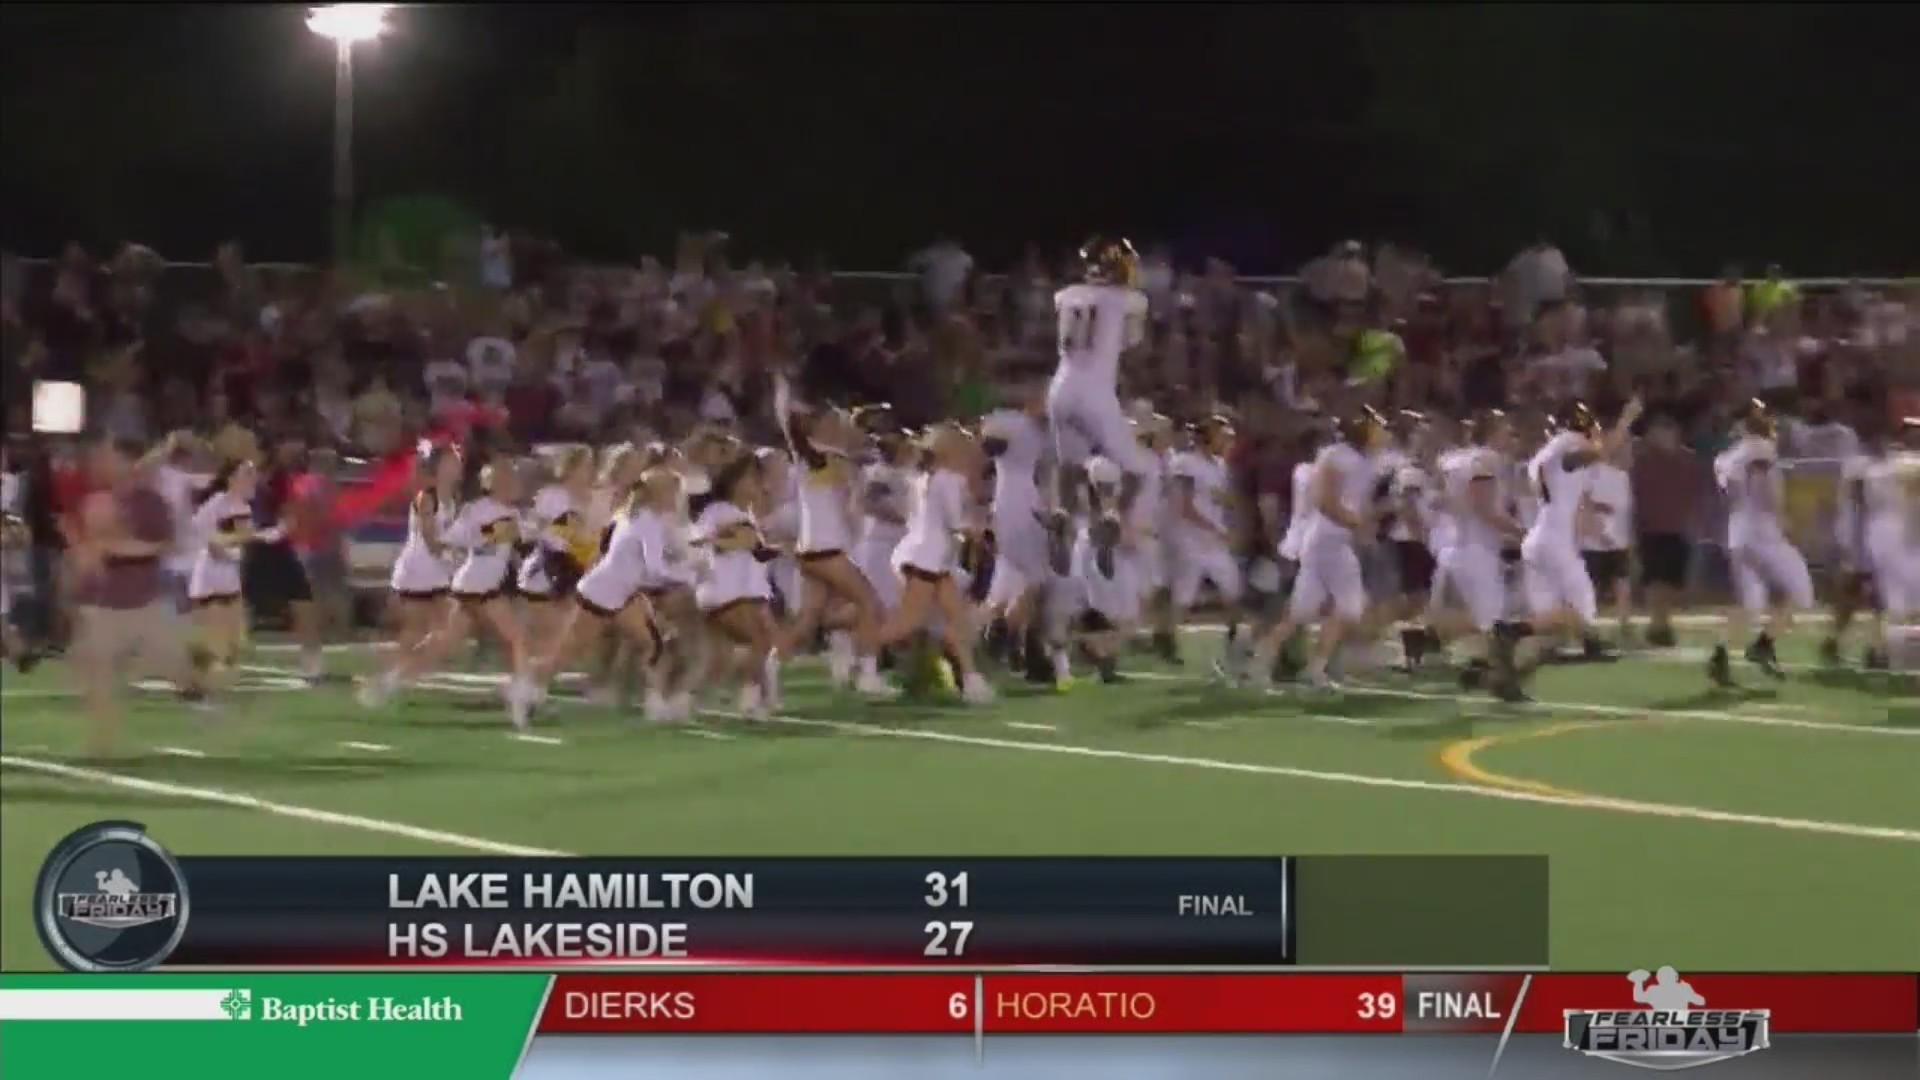 Lake_Hamilton_vs__HS_Lakeside_0_20180901060109